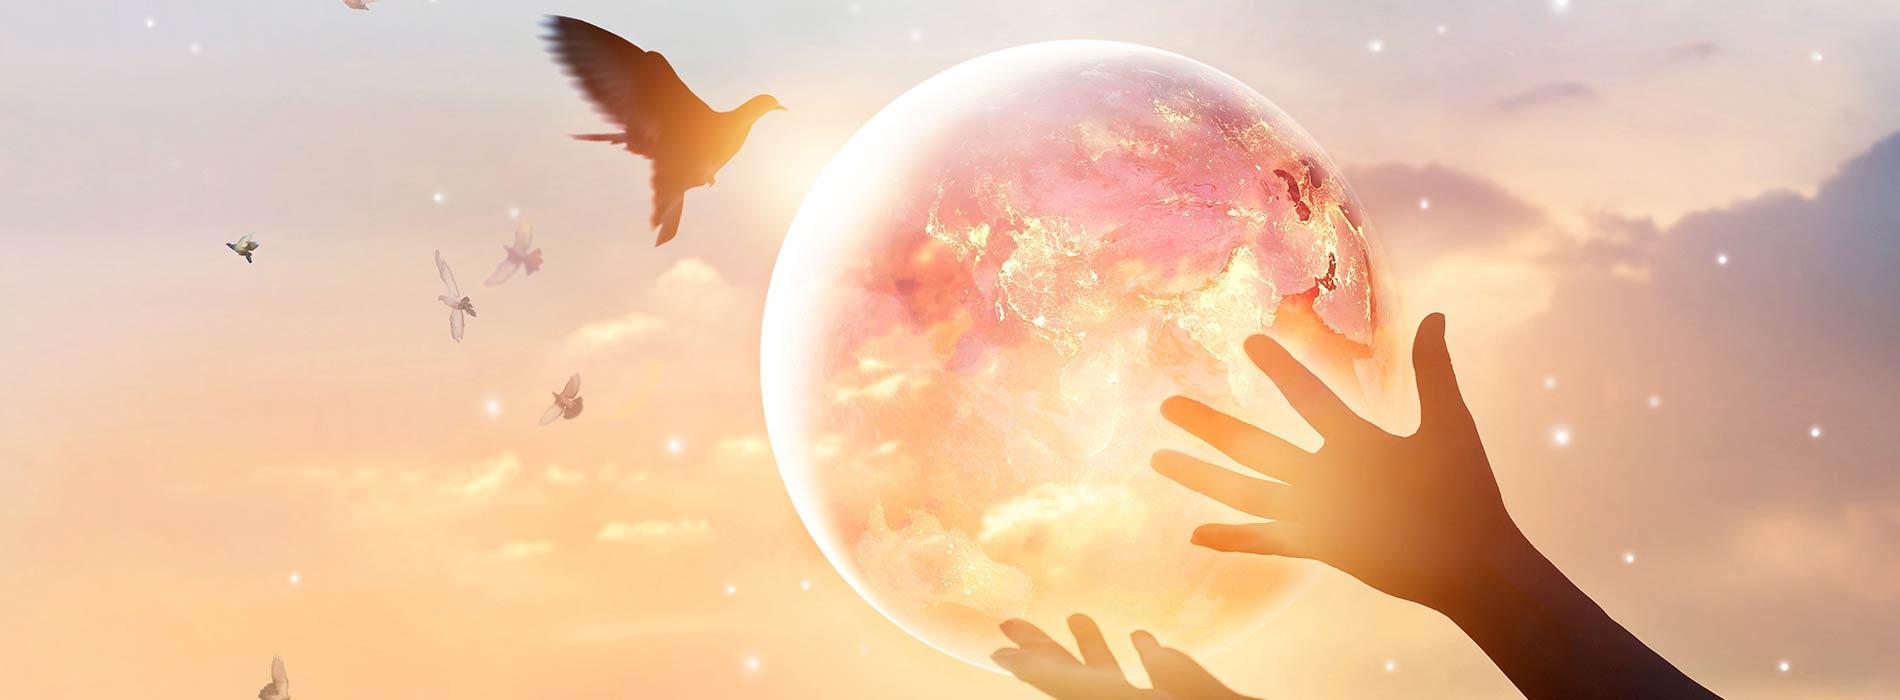 die friedliche Welt in den Händen